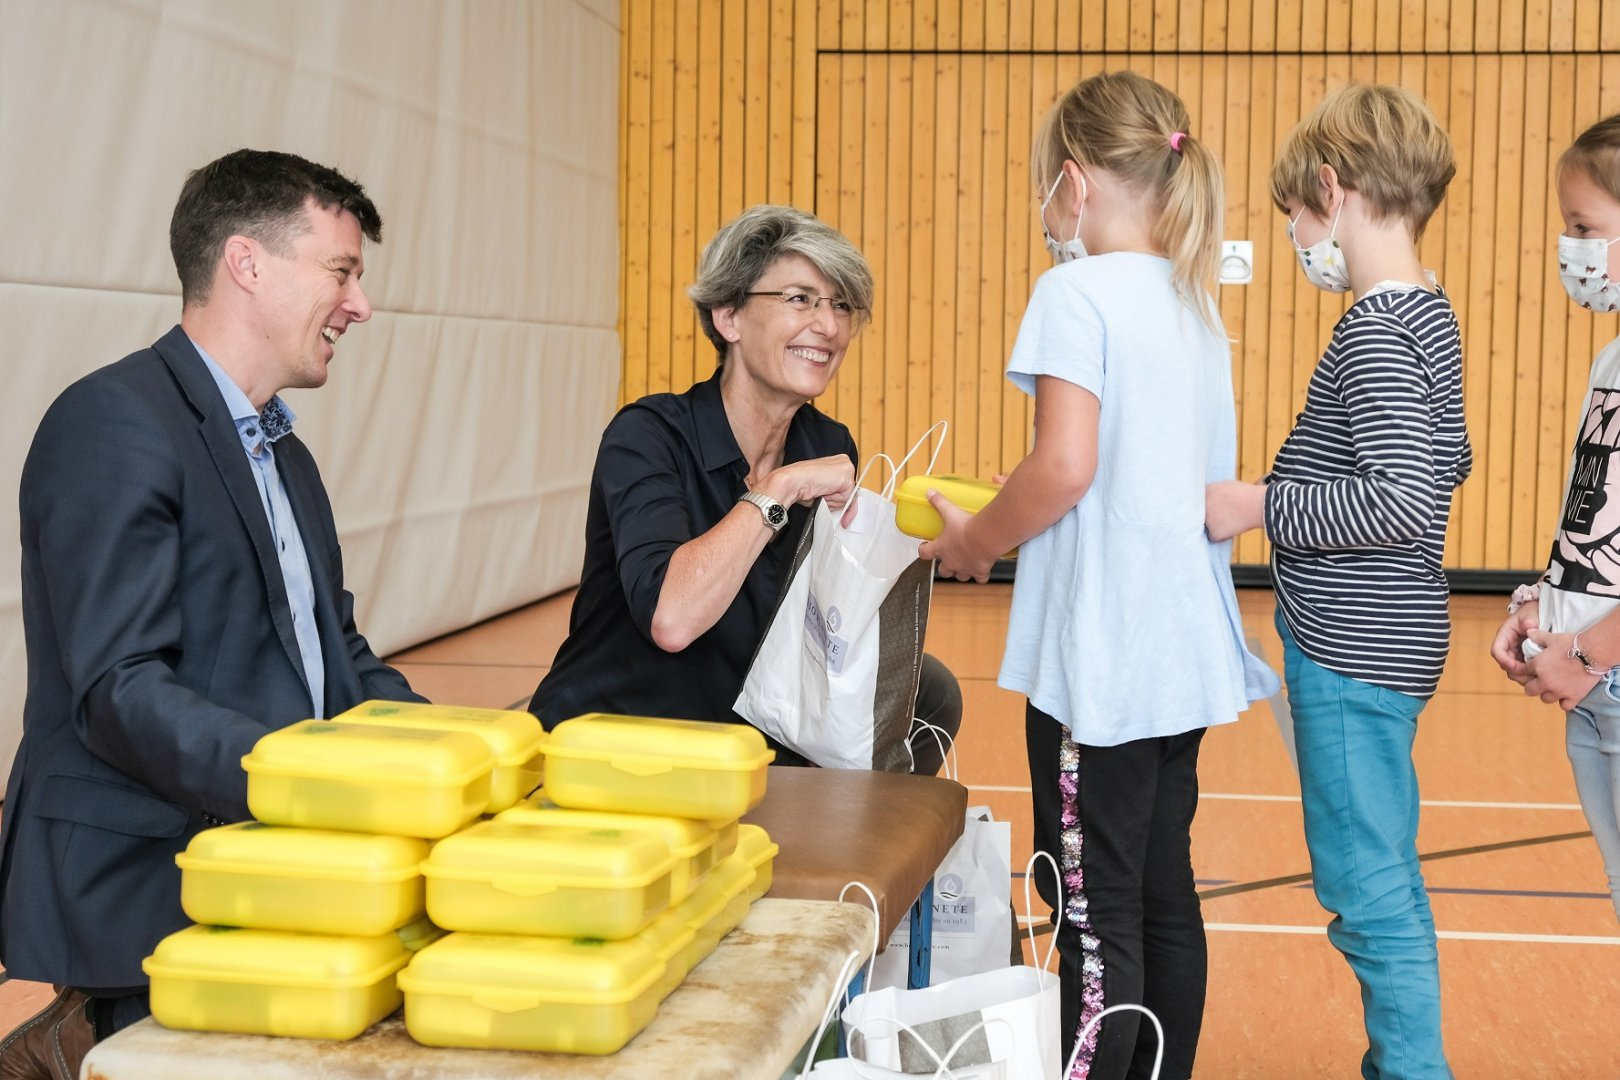 Judith Moog übergibt die Biobrotboxen an die Erstklässler der Afra-Grundschule in Meißen